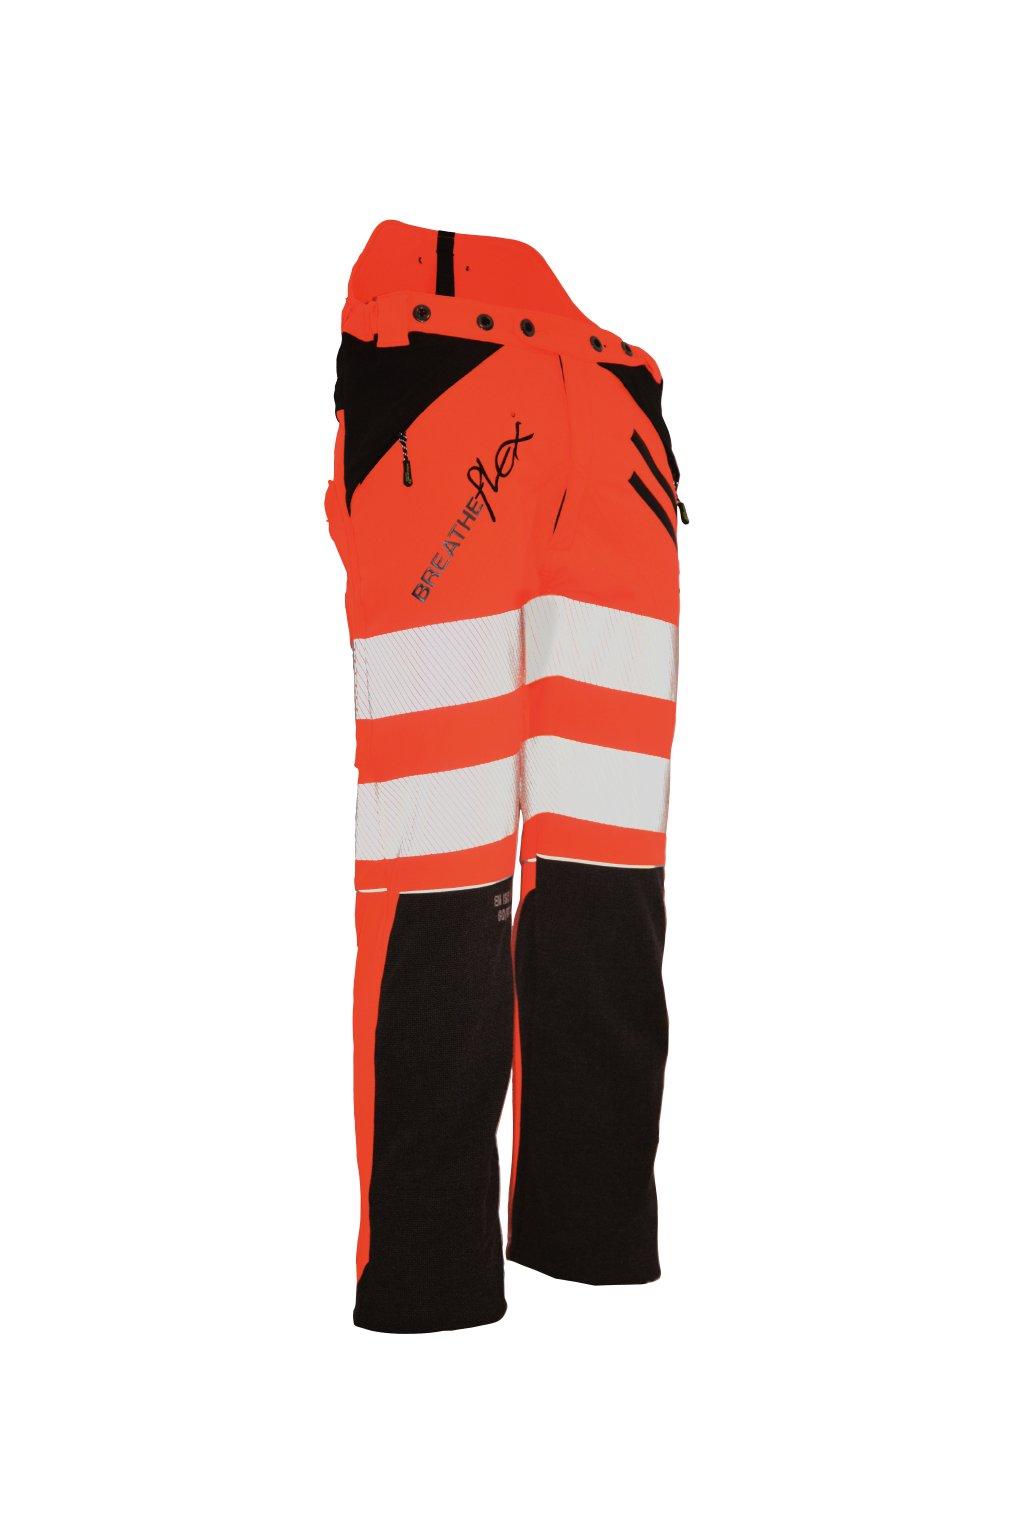 Protipořezové kalhoty Breatheflex oranžové Hi-Viz s kevlarem Class1/TypeC Reg